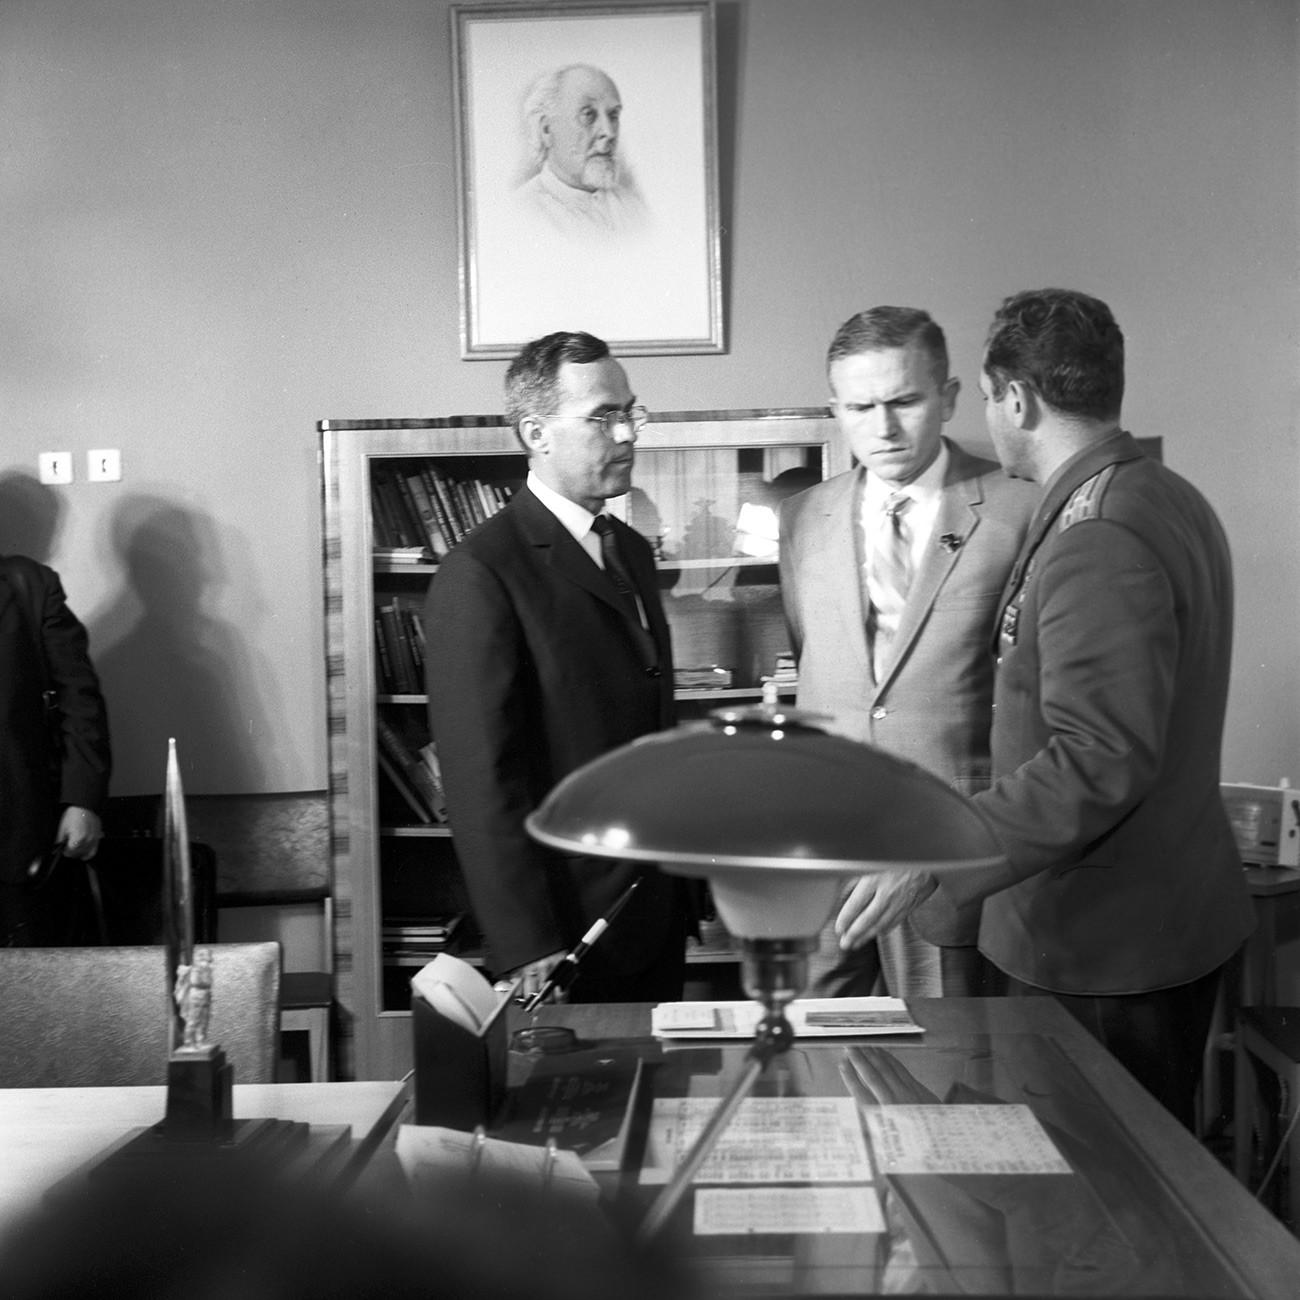 Летец-космонавтът на СССР Герман Степанович Титов (вдясно) и американският астронавт Франк Фредерик Борман (в центъра) в кабинета-музей на Юрий Гагарин. Център за обучение на космонавтите